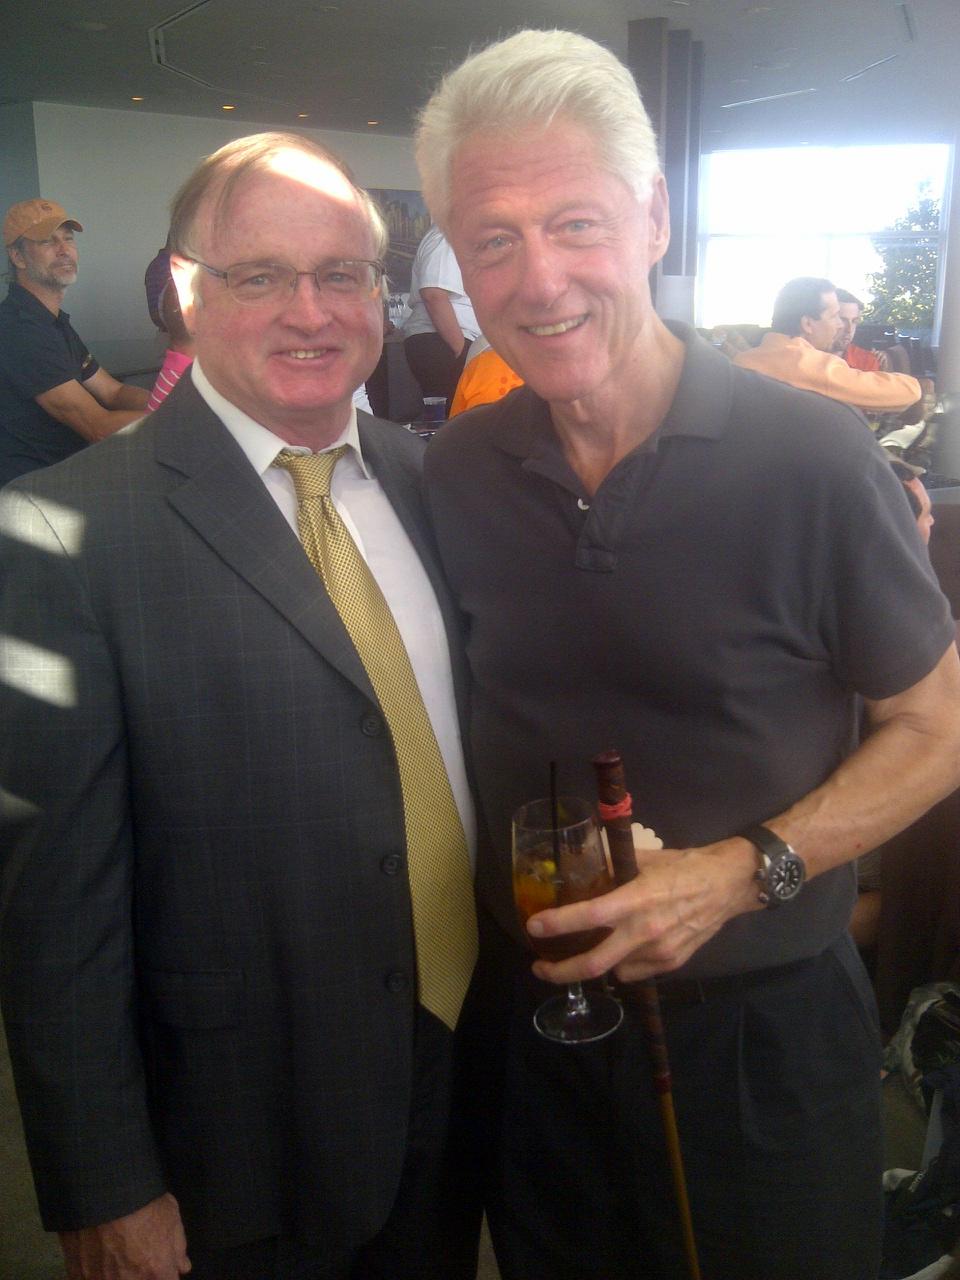 Healy personally congratulates Clinton on speech